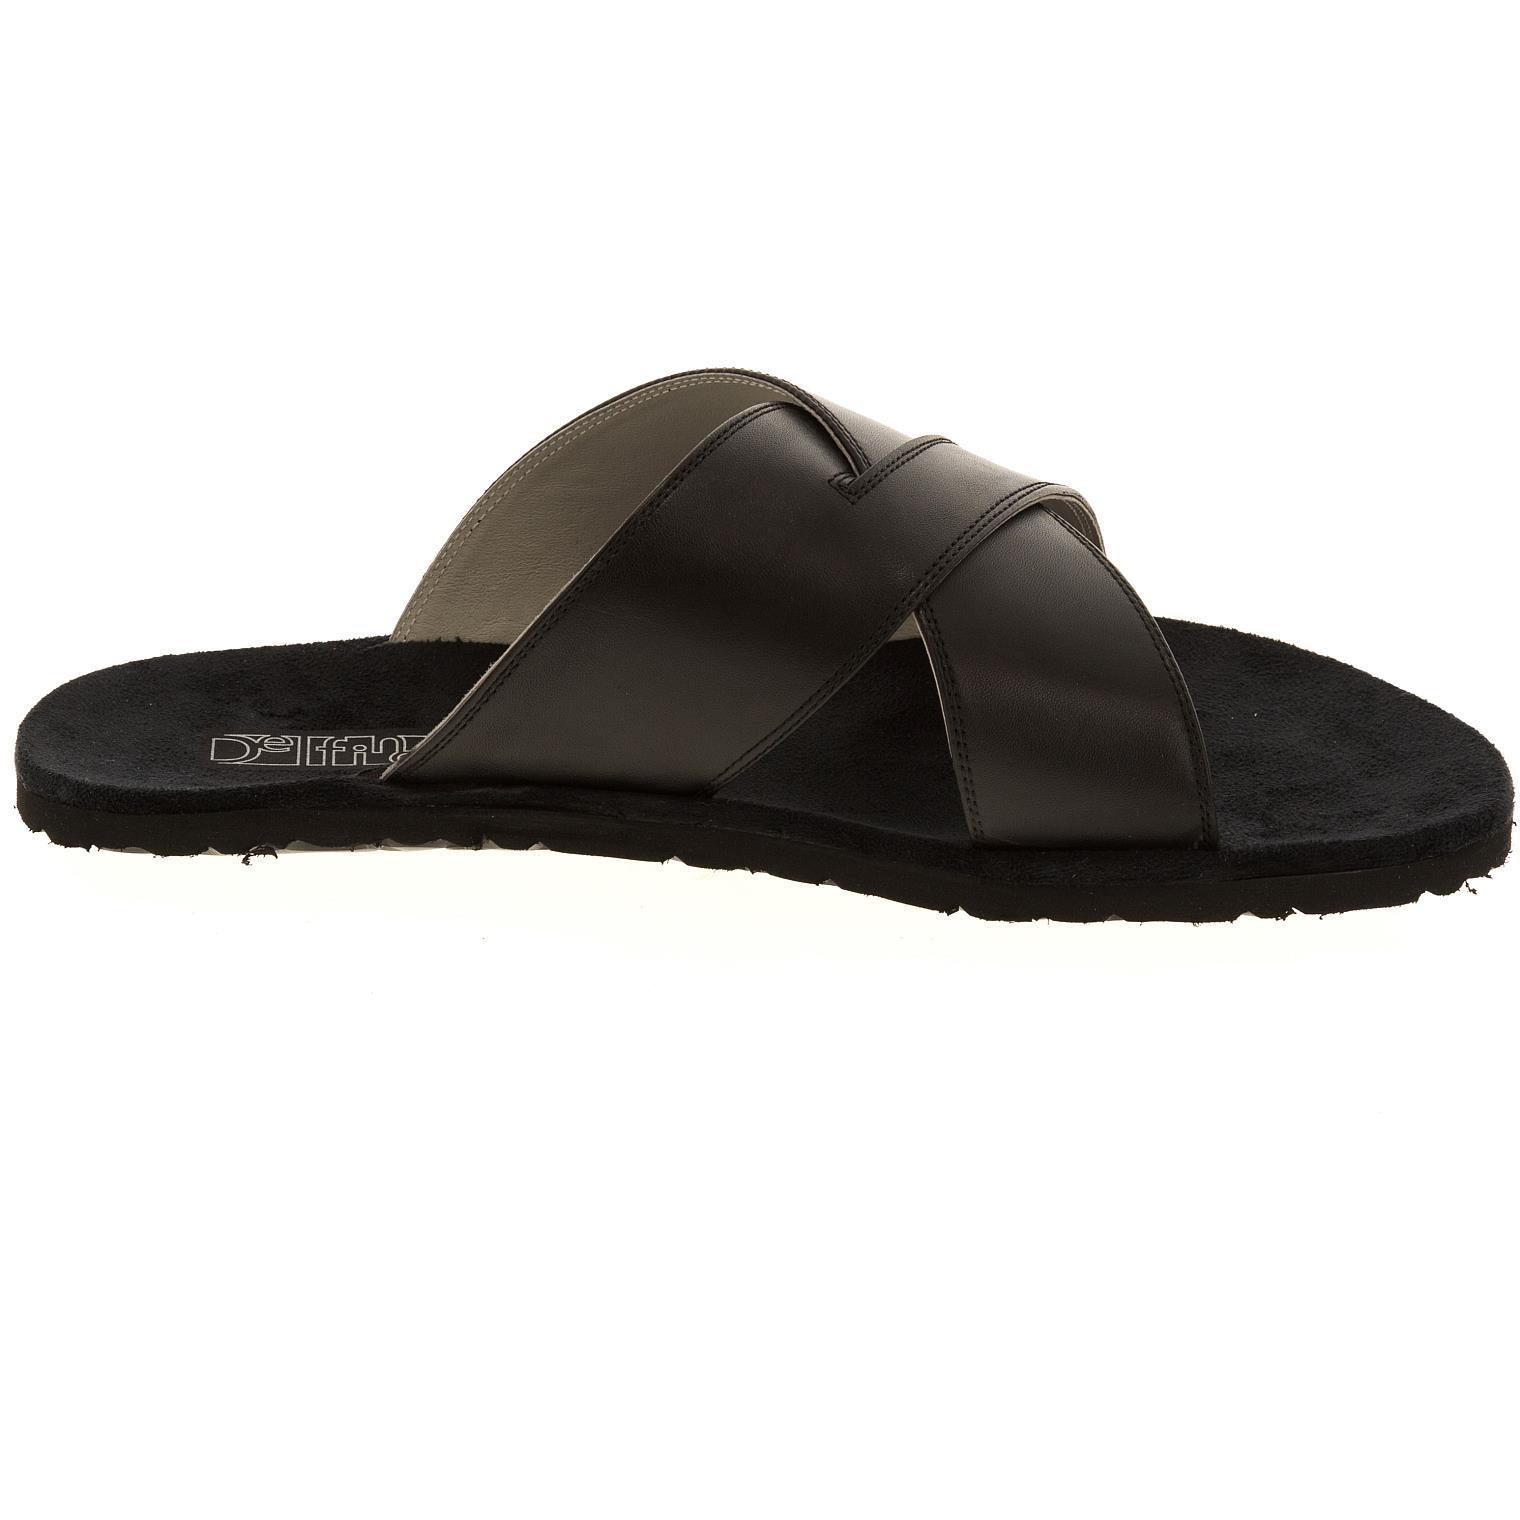 577157 сандалии мужские черные больших размеров марки Делфино